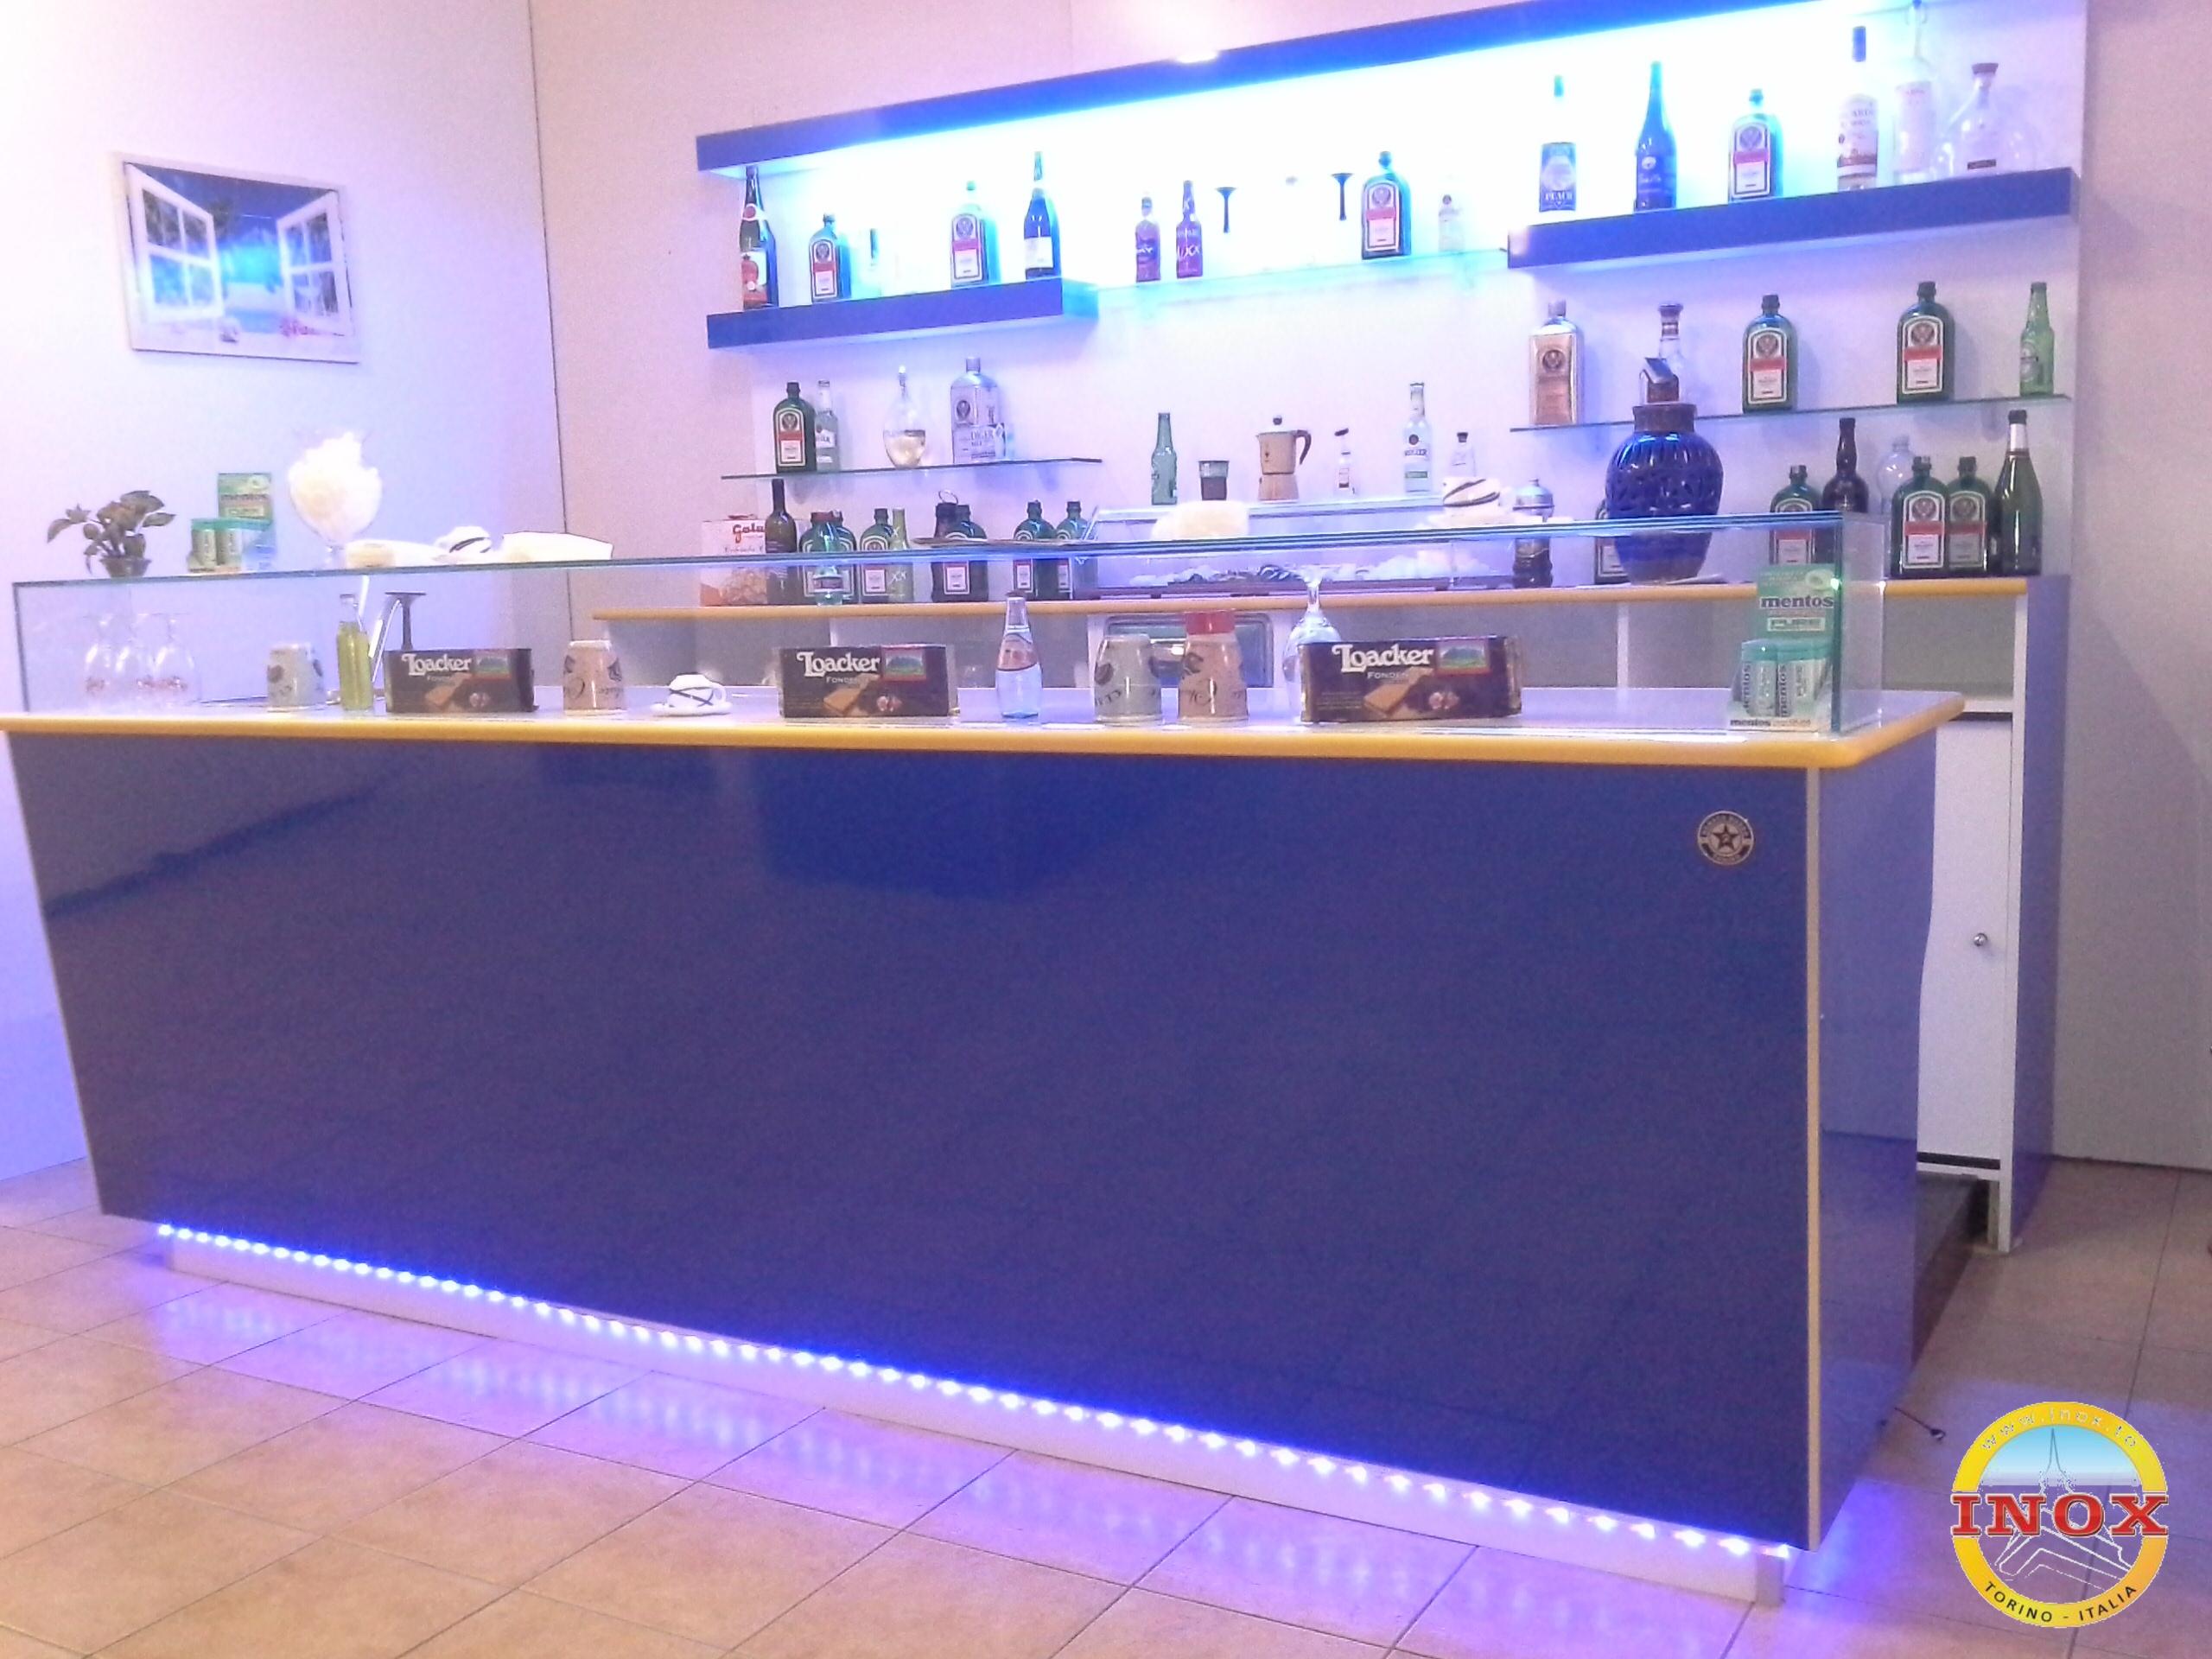 Arredamenti per bar negozi ristoranti banchi frigo for Banchi bar e arredamenti completi